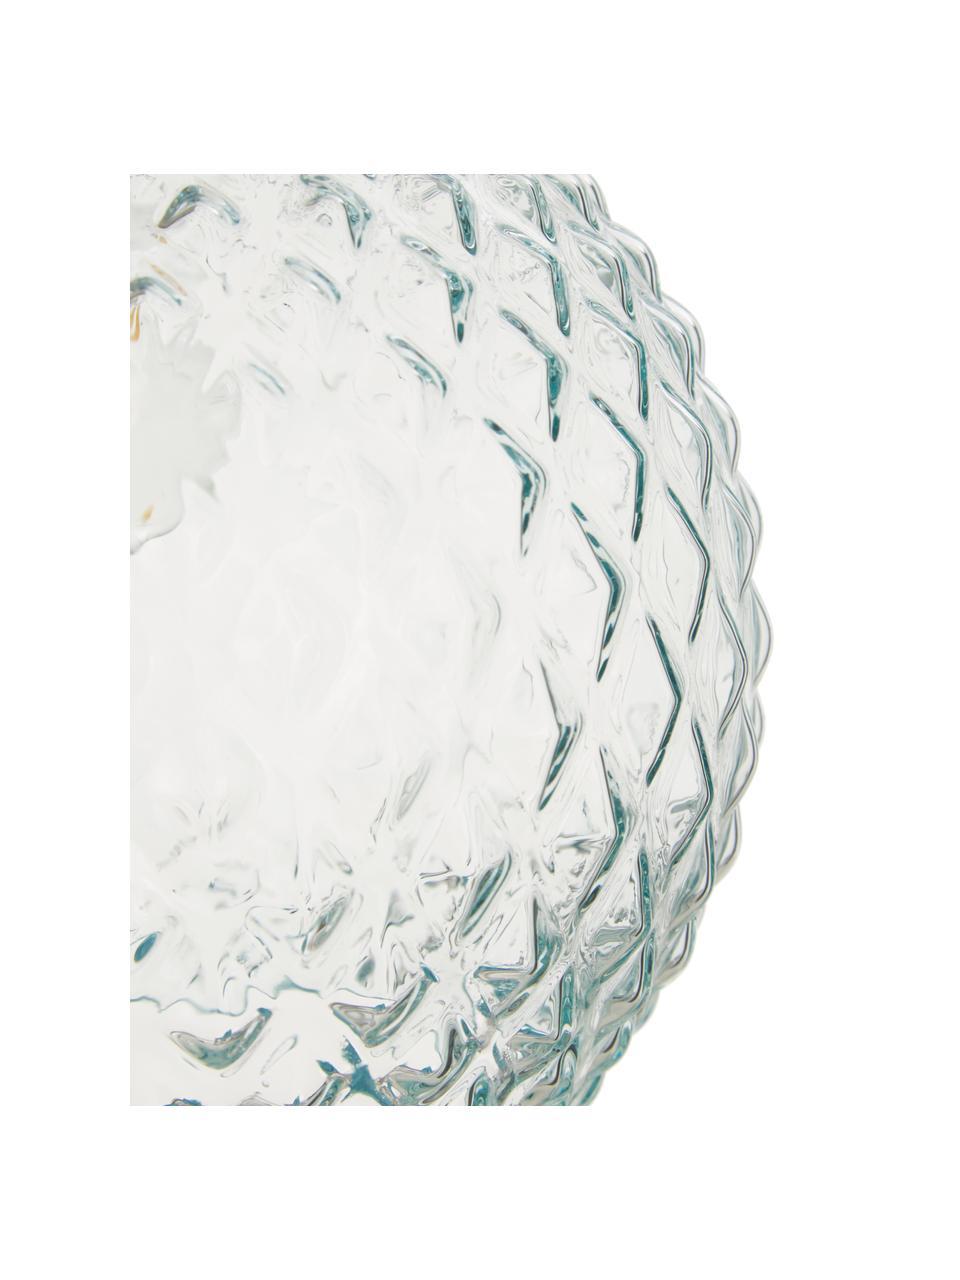 Kleine Pendelleuchte Rania aus hellblauem Glas, Lampenschirm: Glas, Baldachin: Metall, pulverbeschichtet, Dekor: Metall, pulverbeschichtet, Blau,Transparent, Ø 25 x H 21 cm